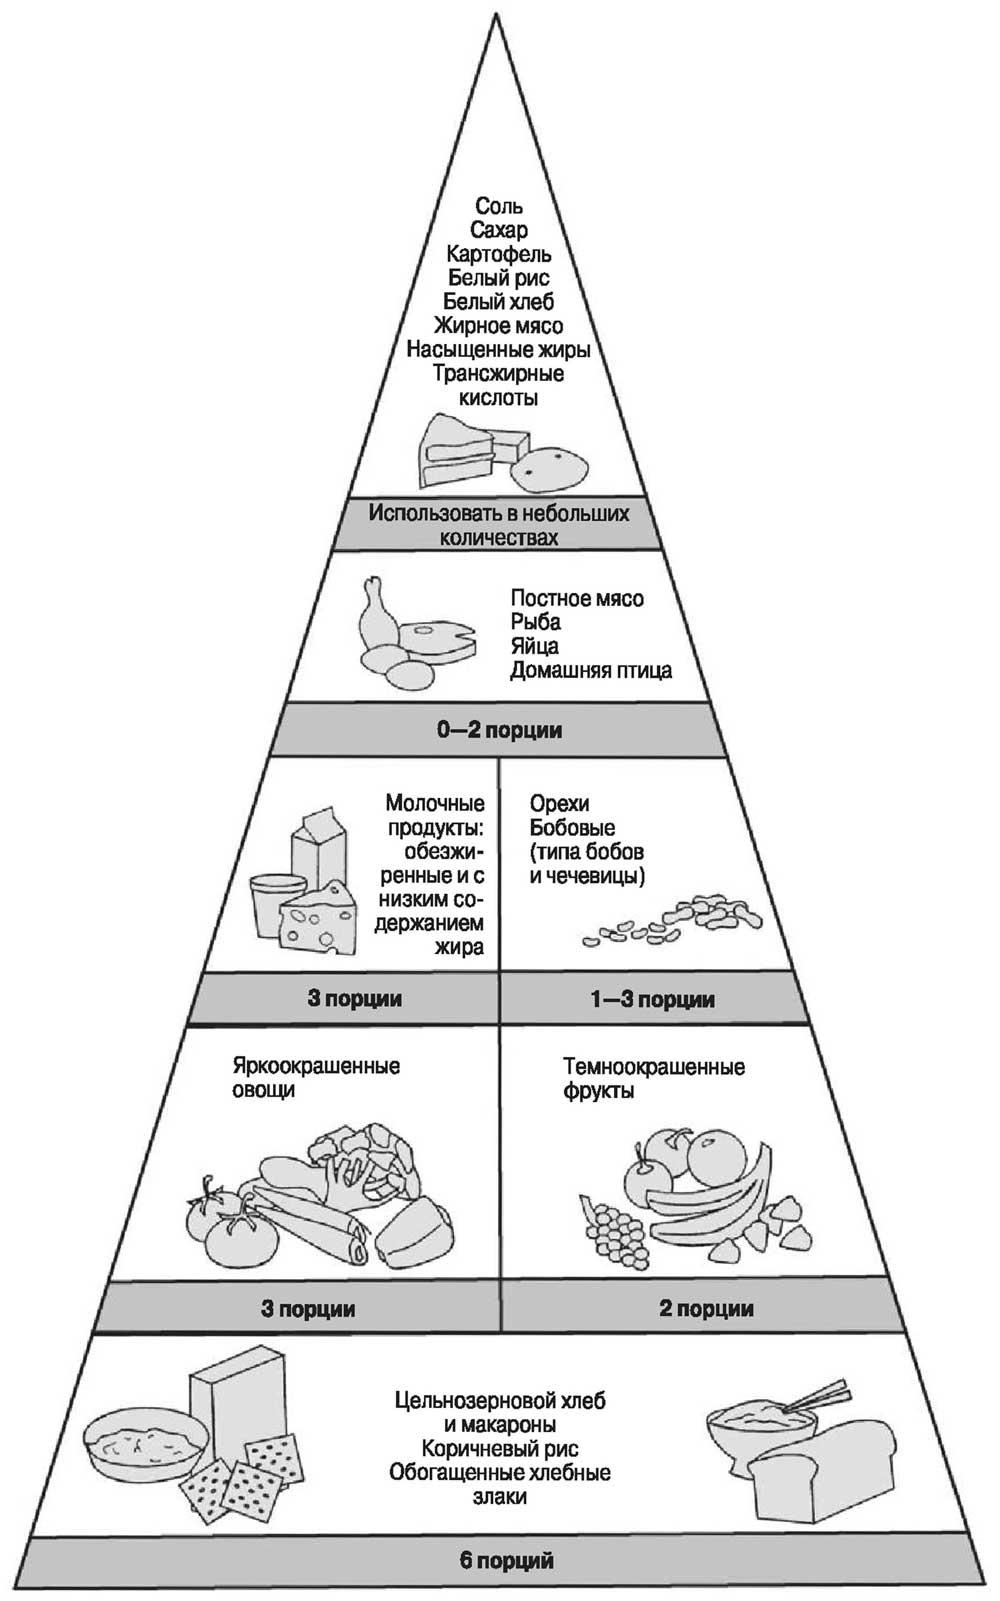 Рис. 1 -1. Ежедневная пирамида пищи для пожилых людей.